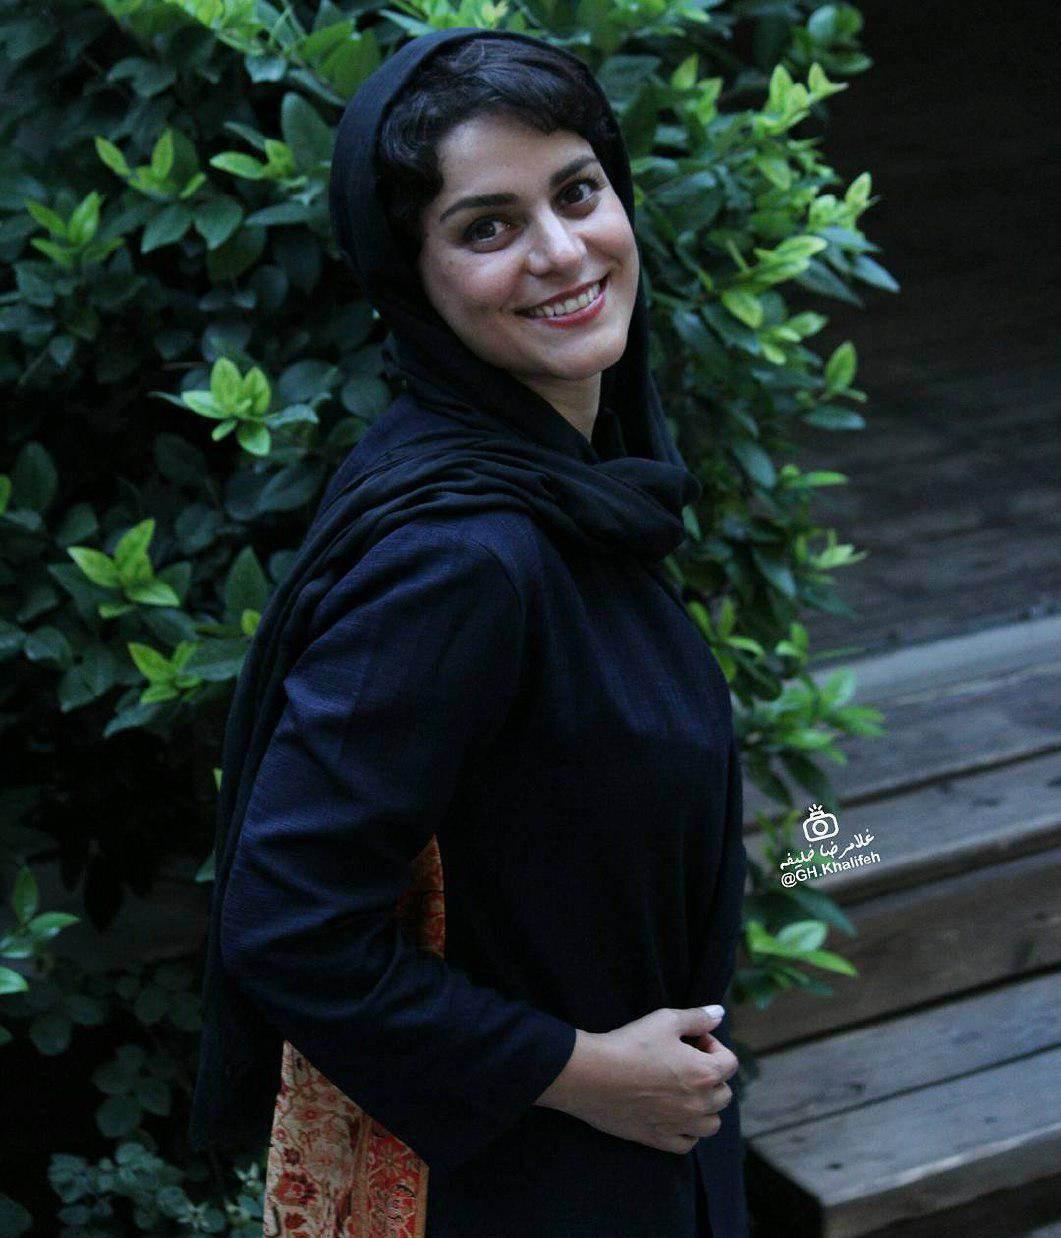 غزل شاکری بازیگر خوش صدای سینمای ایران